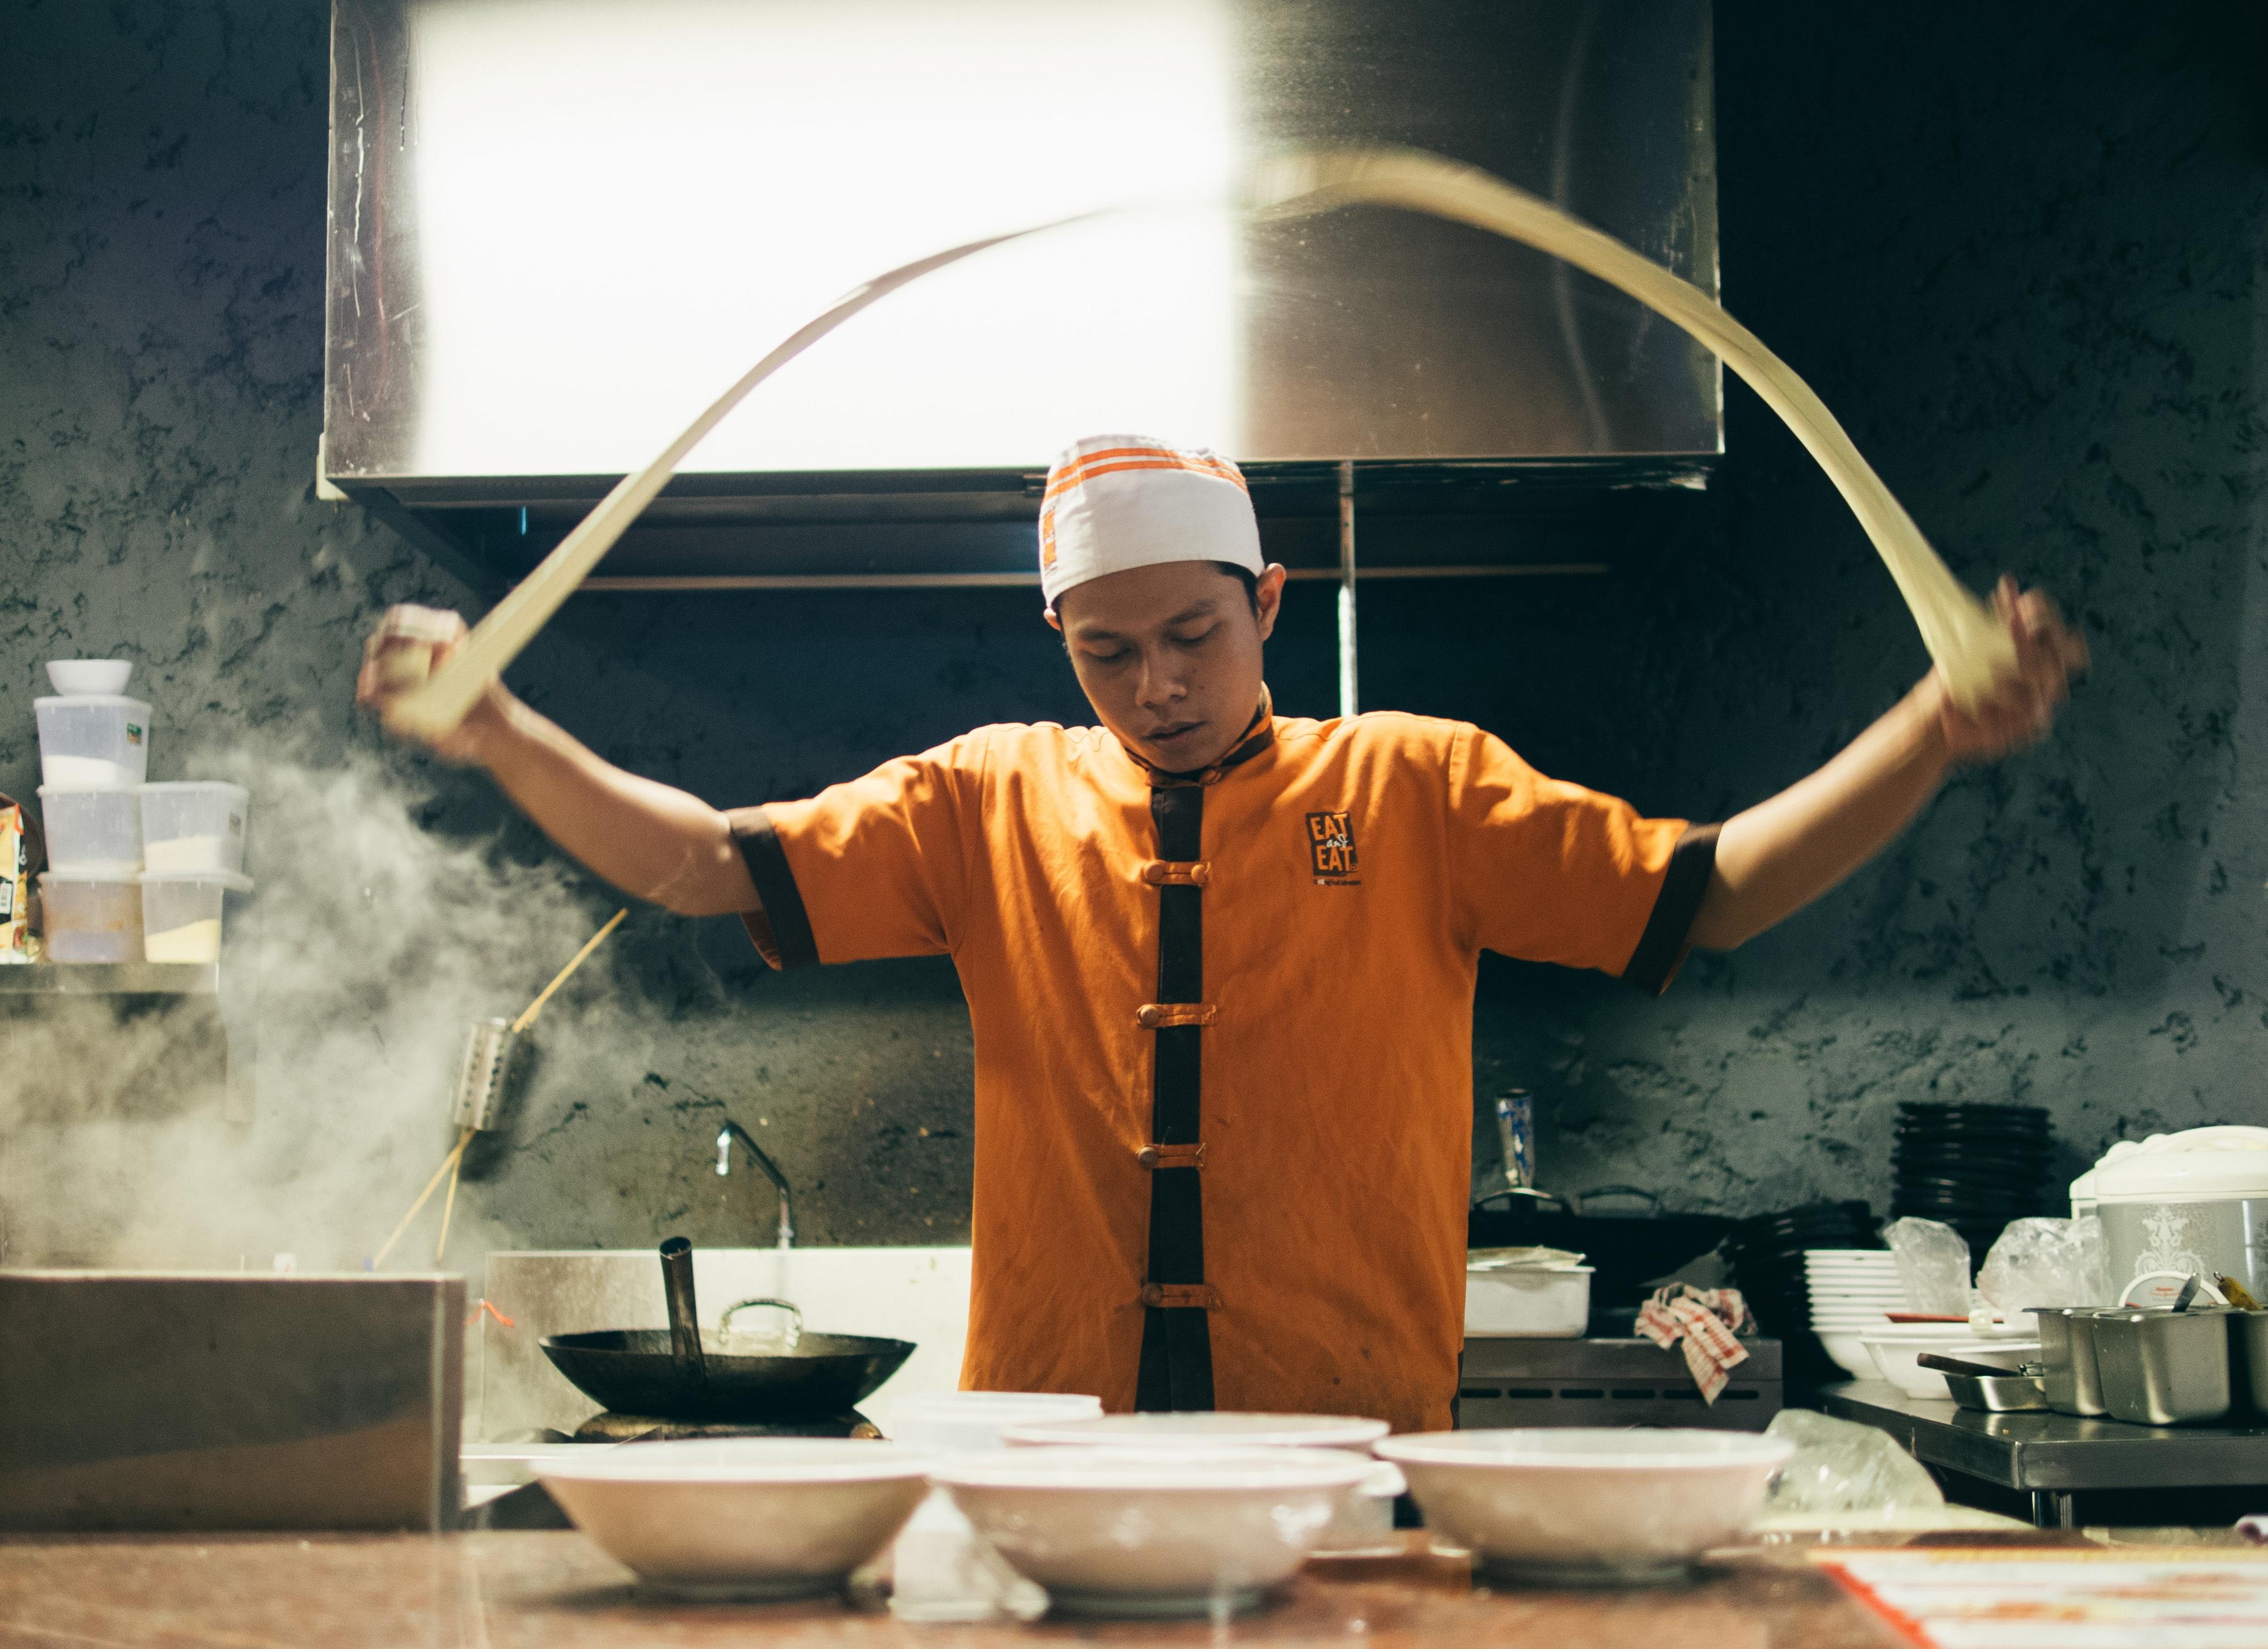 Kerja Orang Dapur Profesional Koki Mi Memasak Merasakan